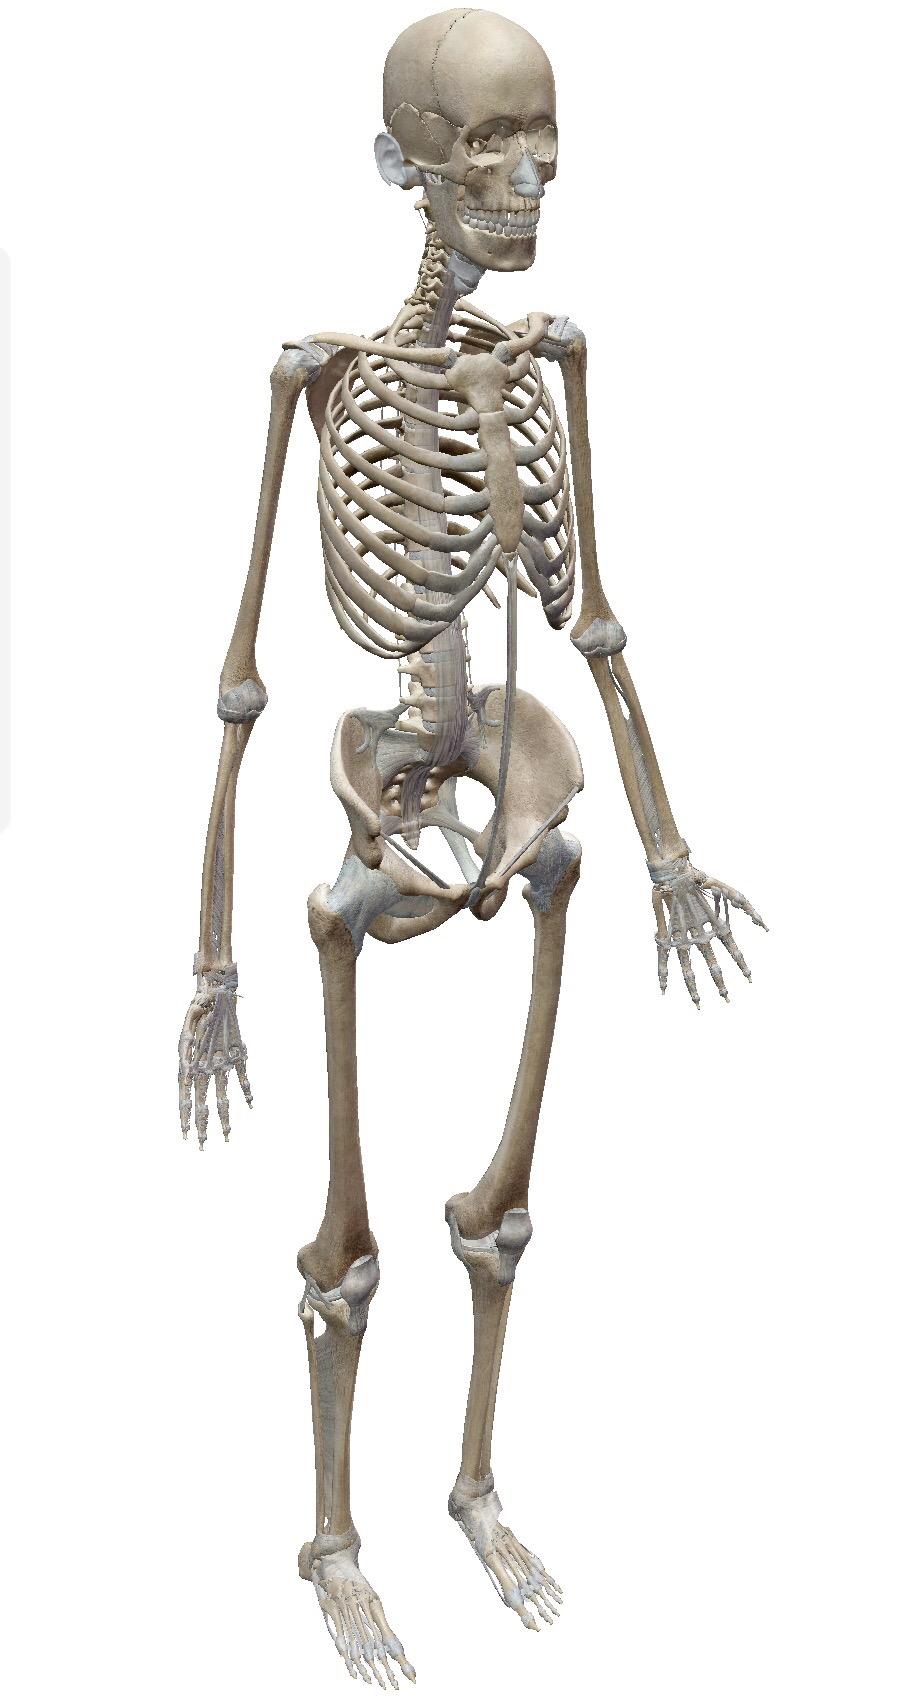 【仕事のこと】ヨガで解剖学、体の勉強の仕方。